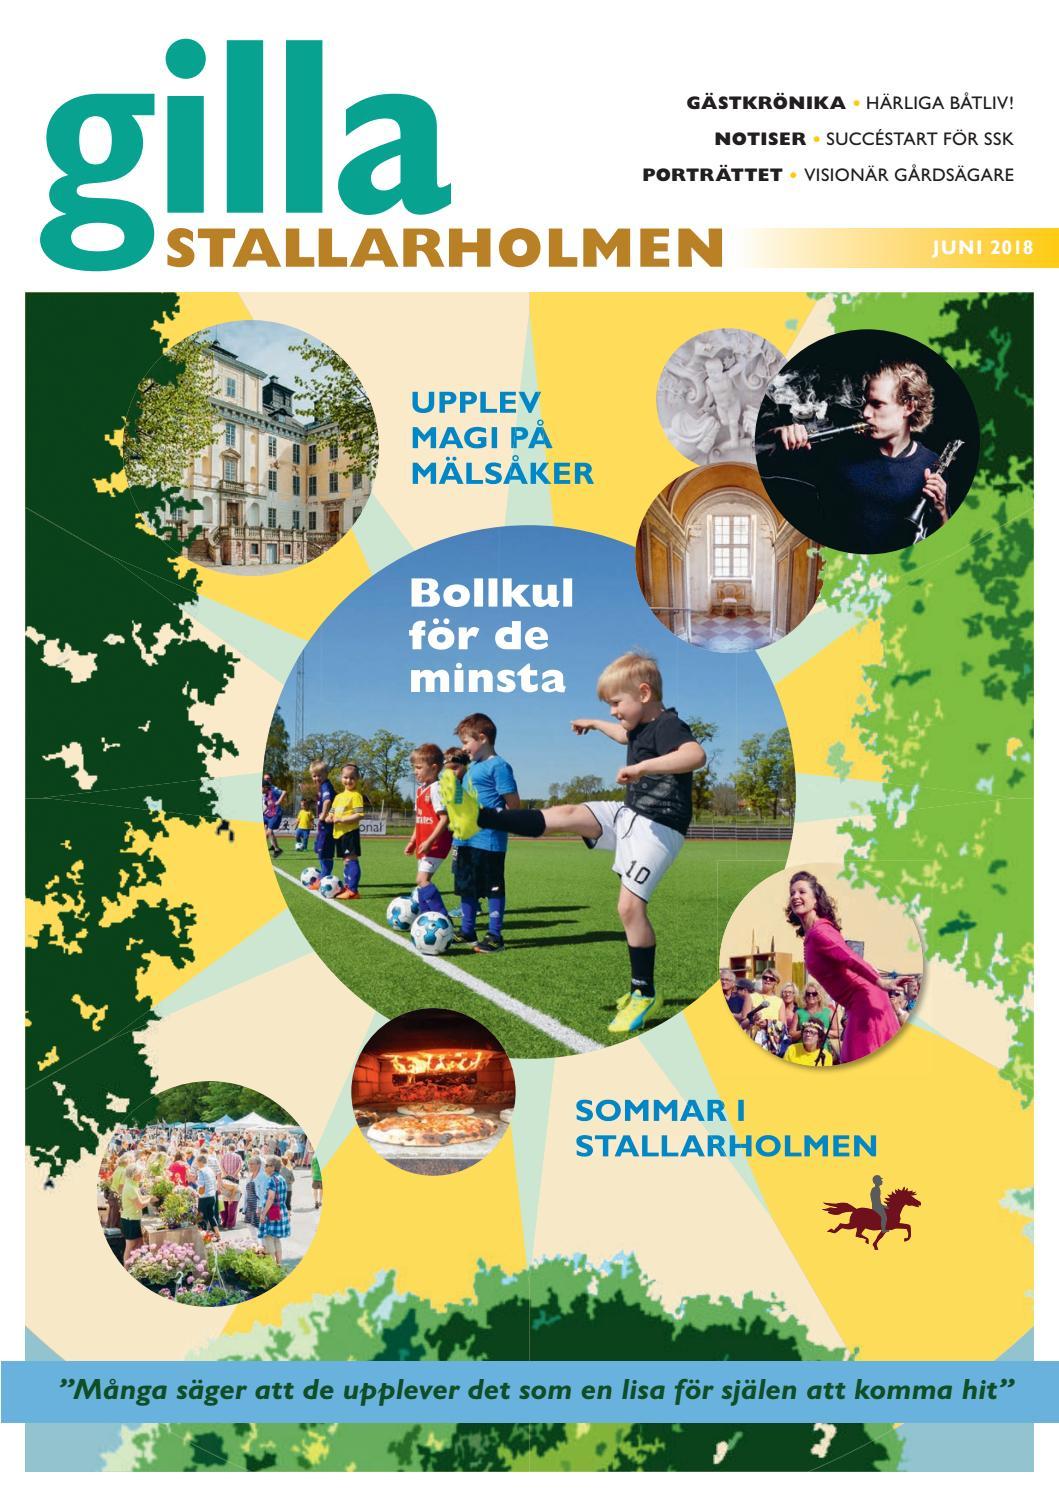 Tinderholm, Karl - Riksarkivet - Sk i arkiven